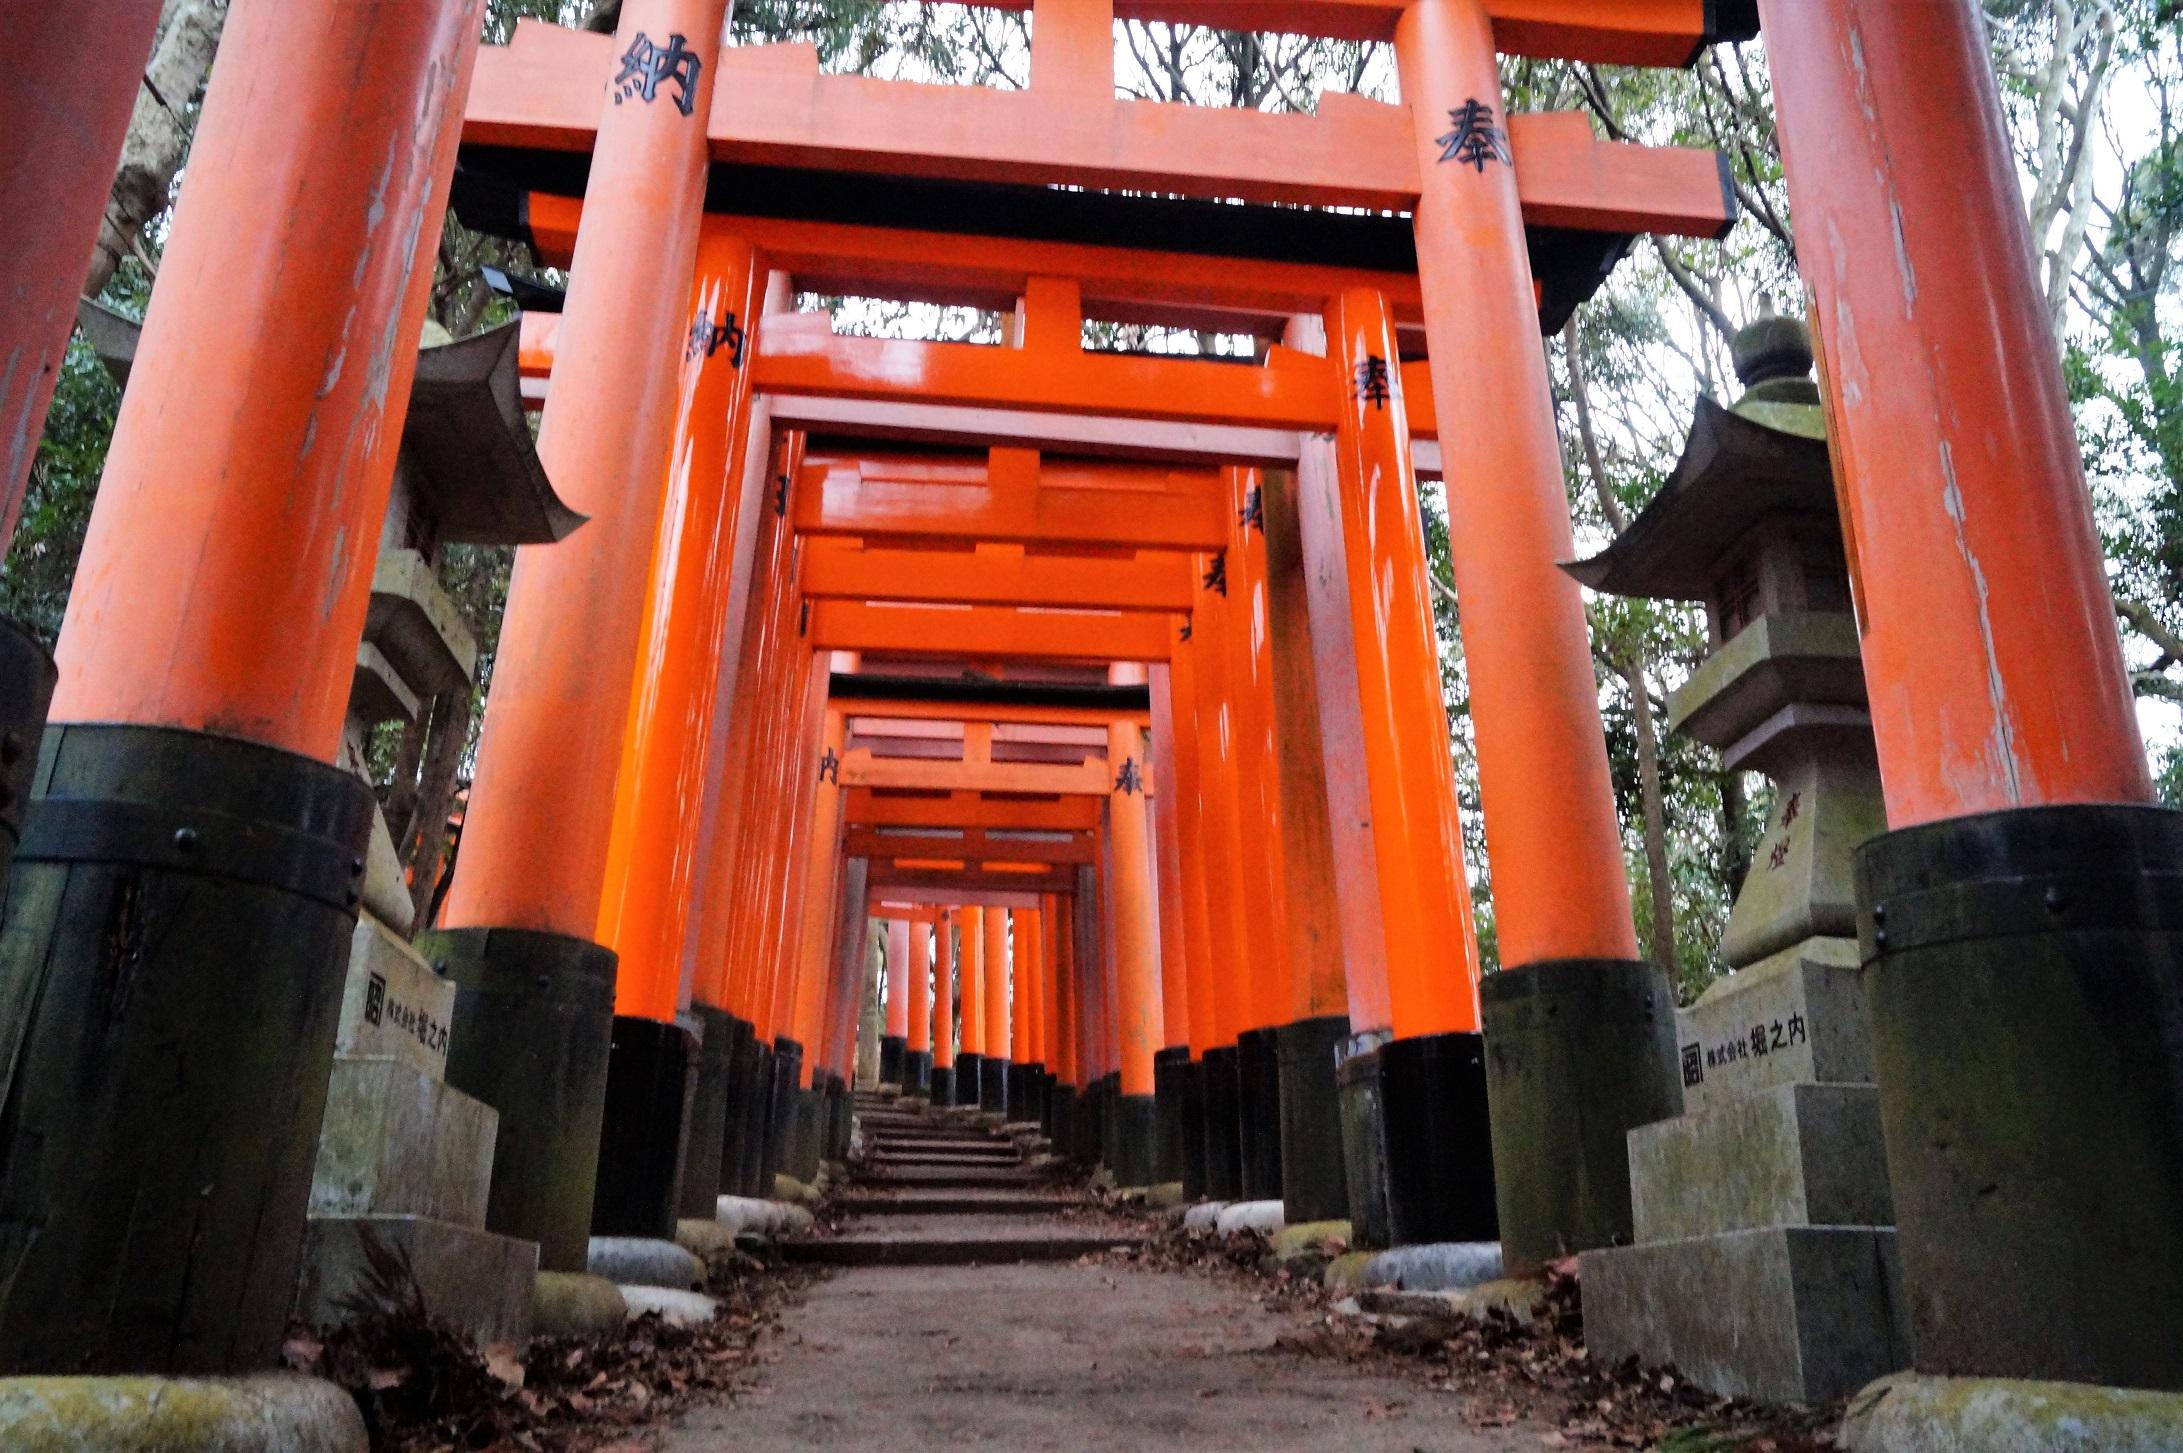 4 days in Kyoto - Fushimi-Inari Taisha - Camino de Toriis